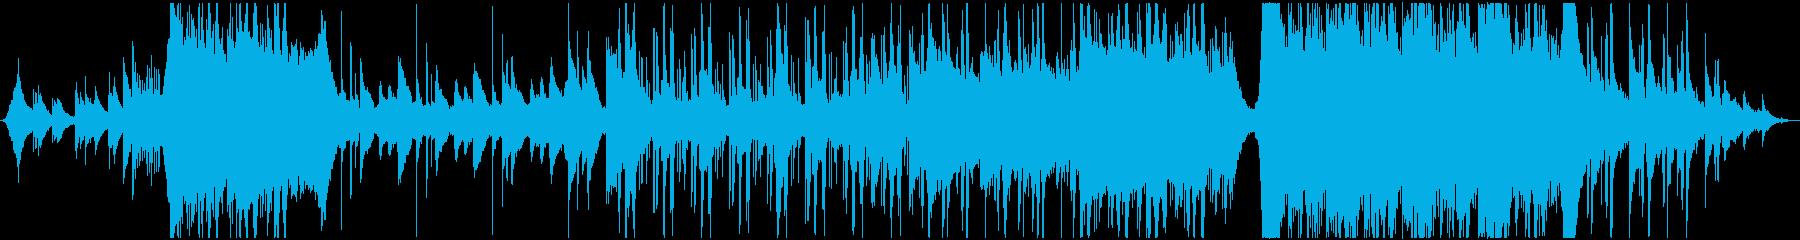 切ないJ-POPのミドルバラードの再生済みの波形